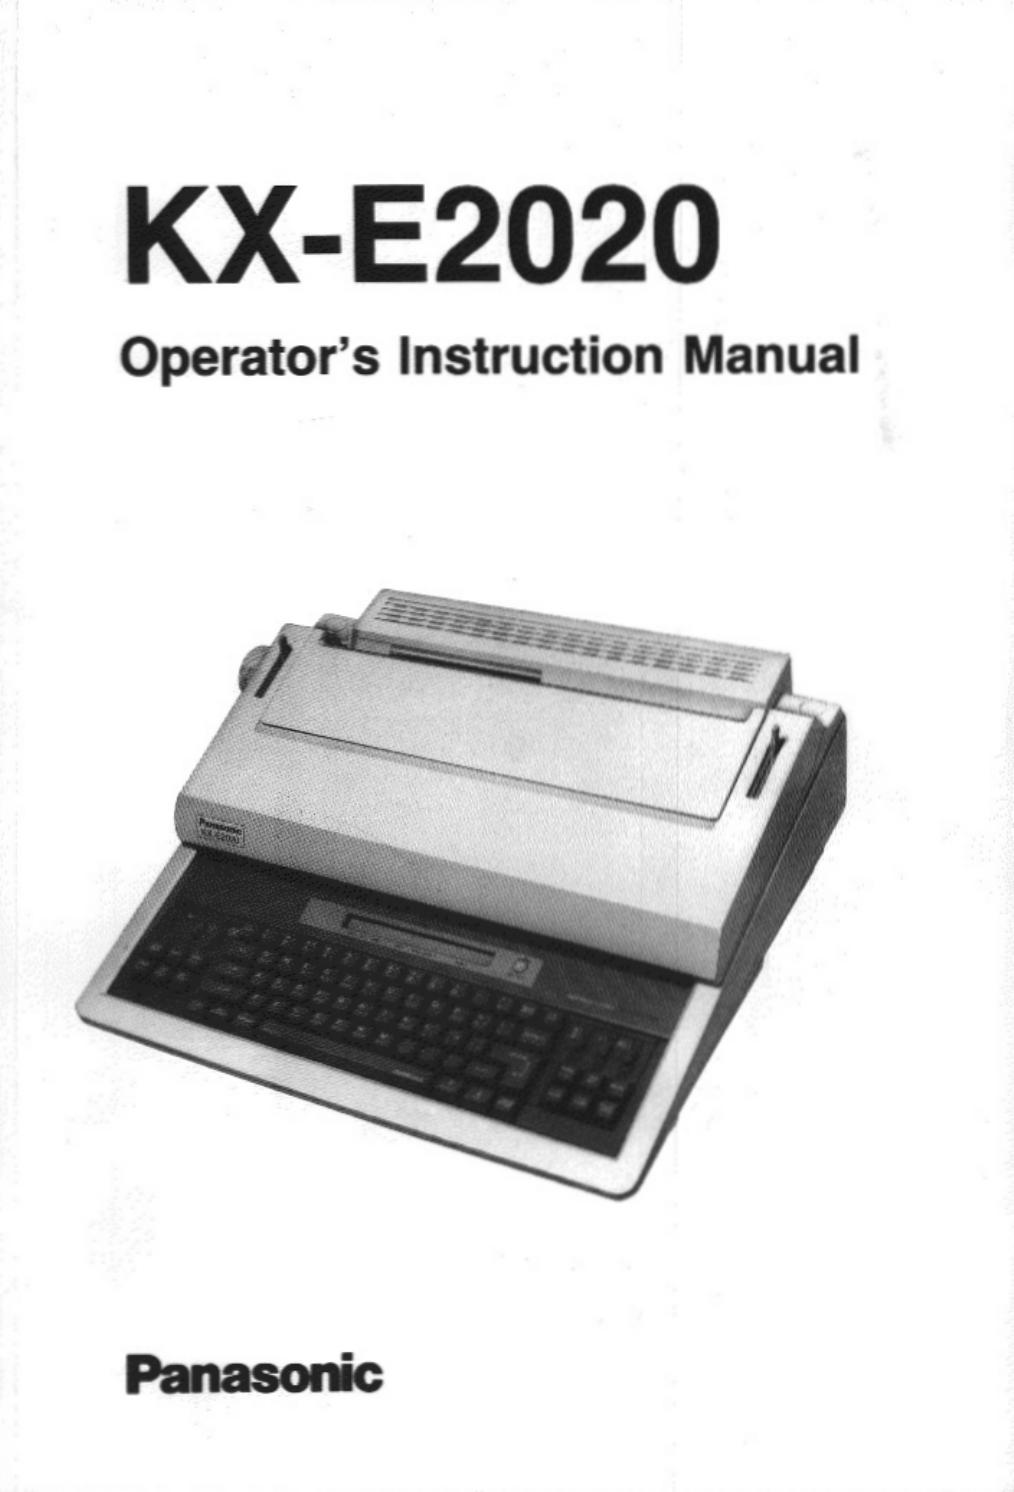 Panasonic Printer KX-E2020 User Guide   ManualsOnline.com